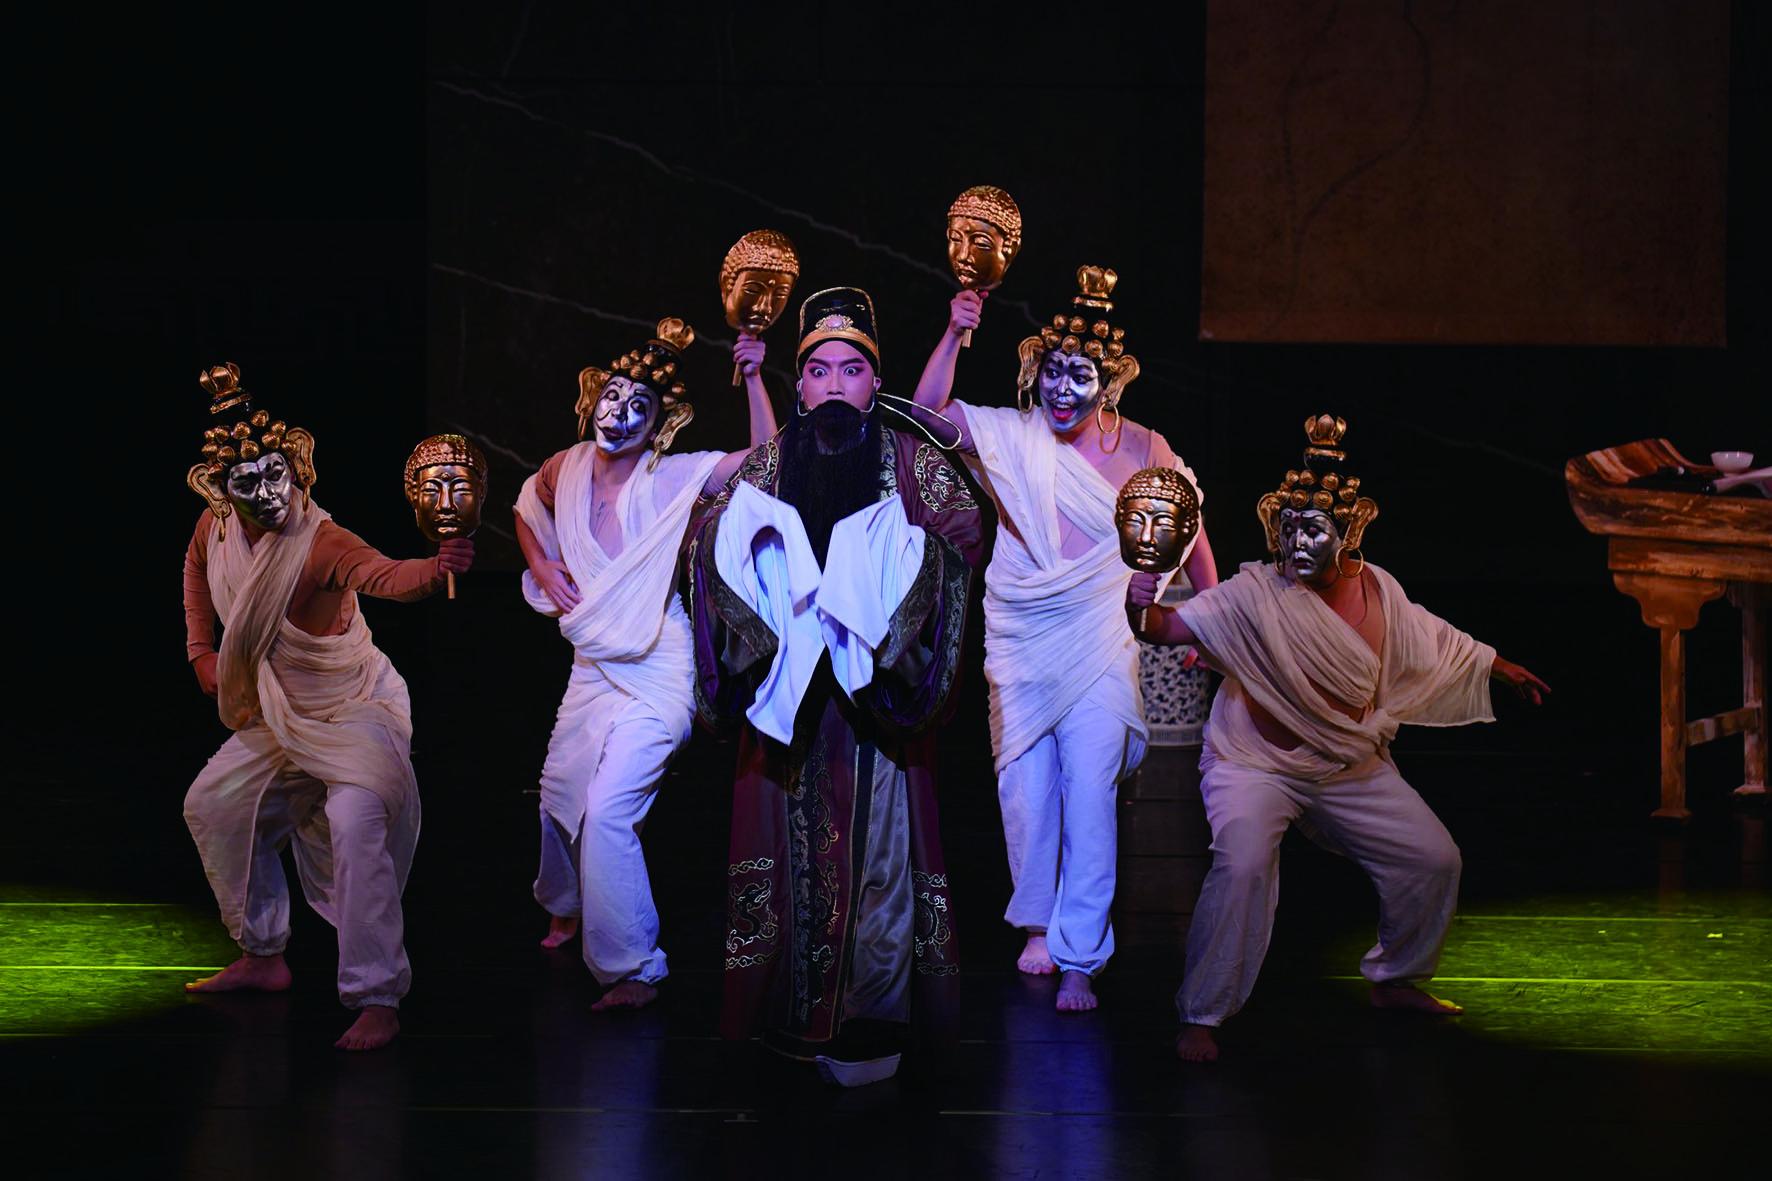 2019 年榮興客家採茶劇團《地獄變》,以畫聖吳道子為題材,展現了傳統客家戲的當代新貌.jpg